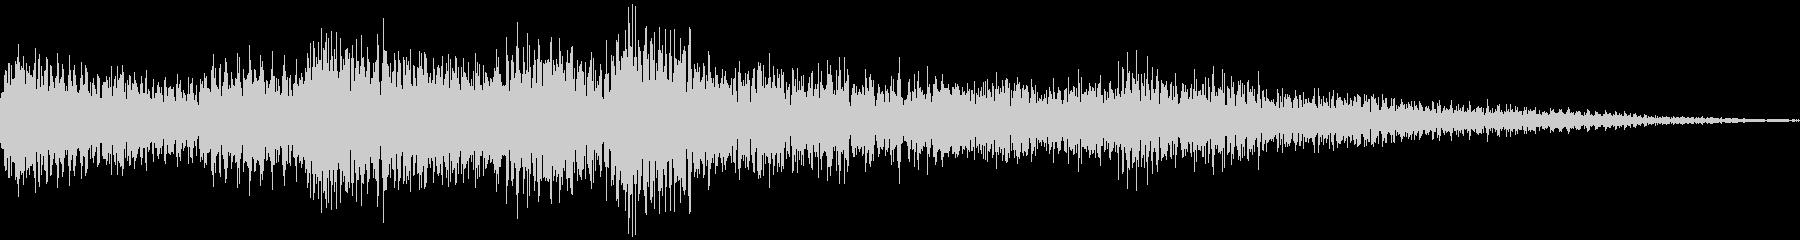 ゲームクリア効果音の未再生の波形